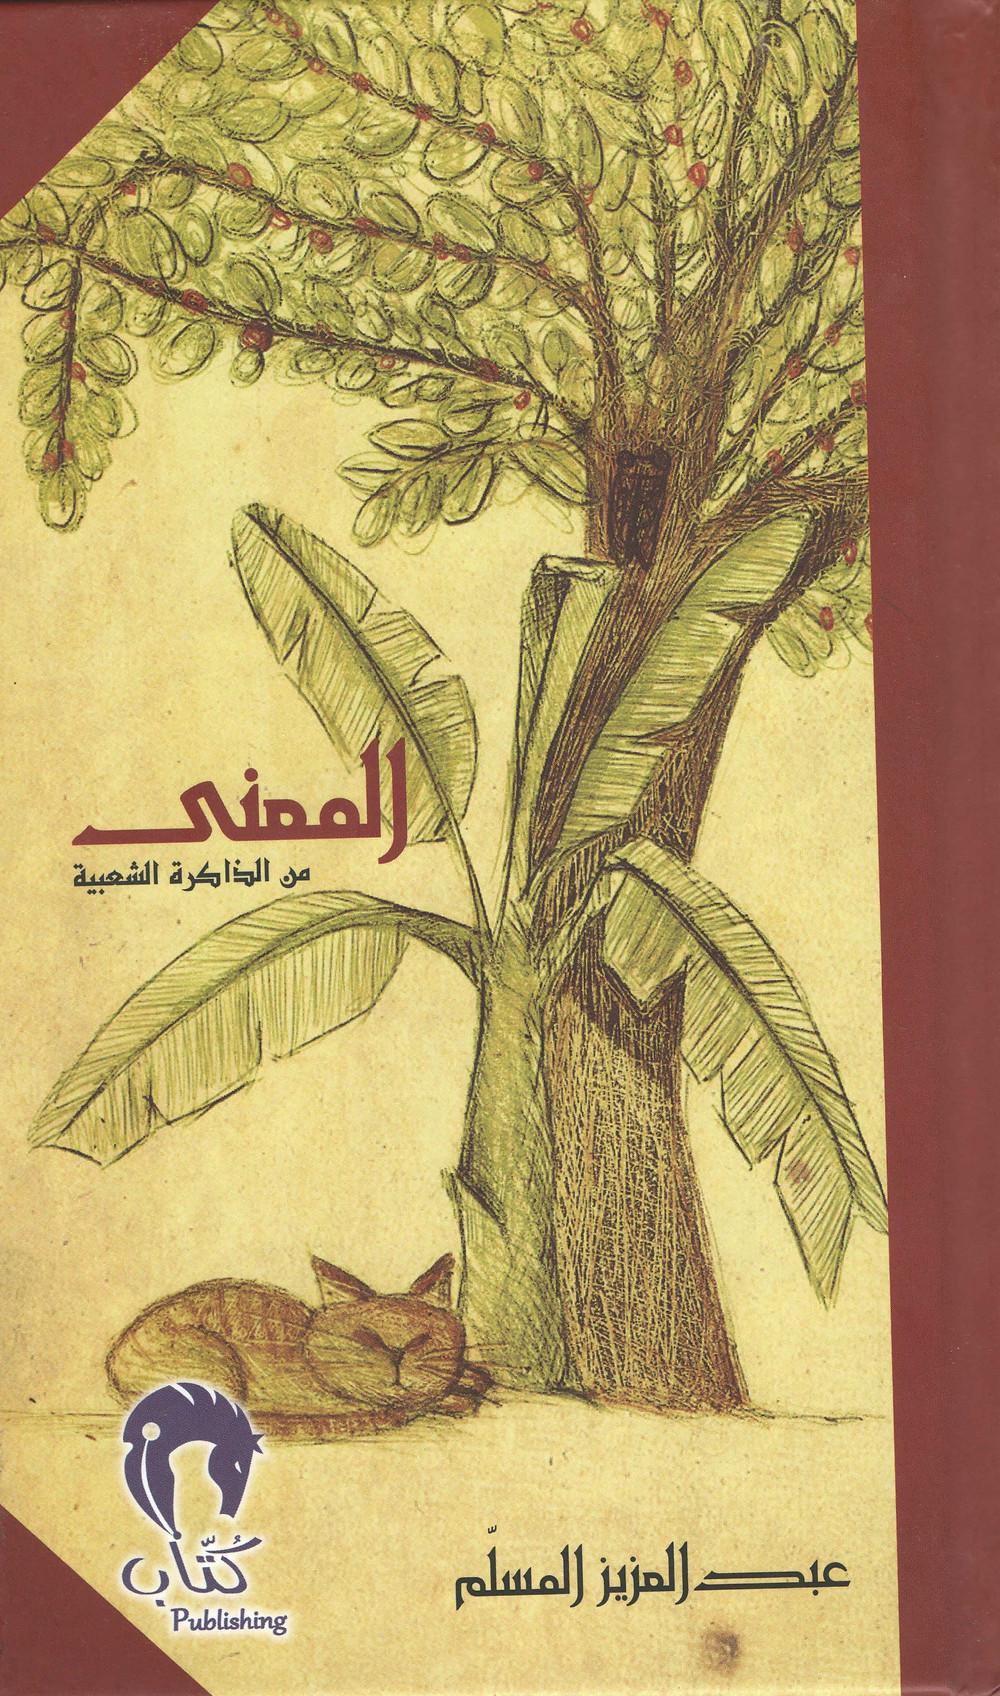 غلاف كتاب المعنى.jpg